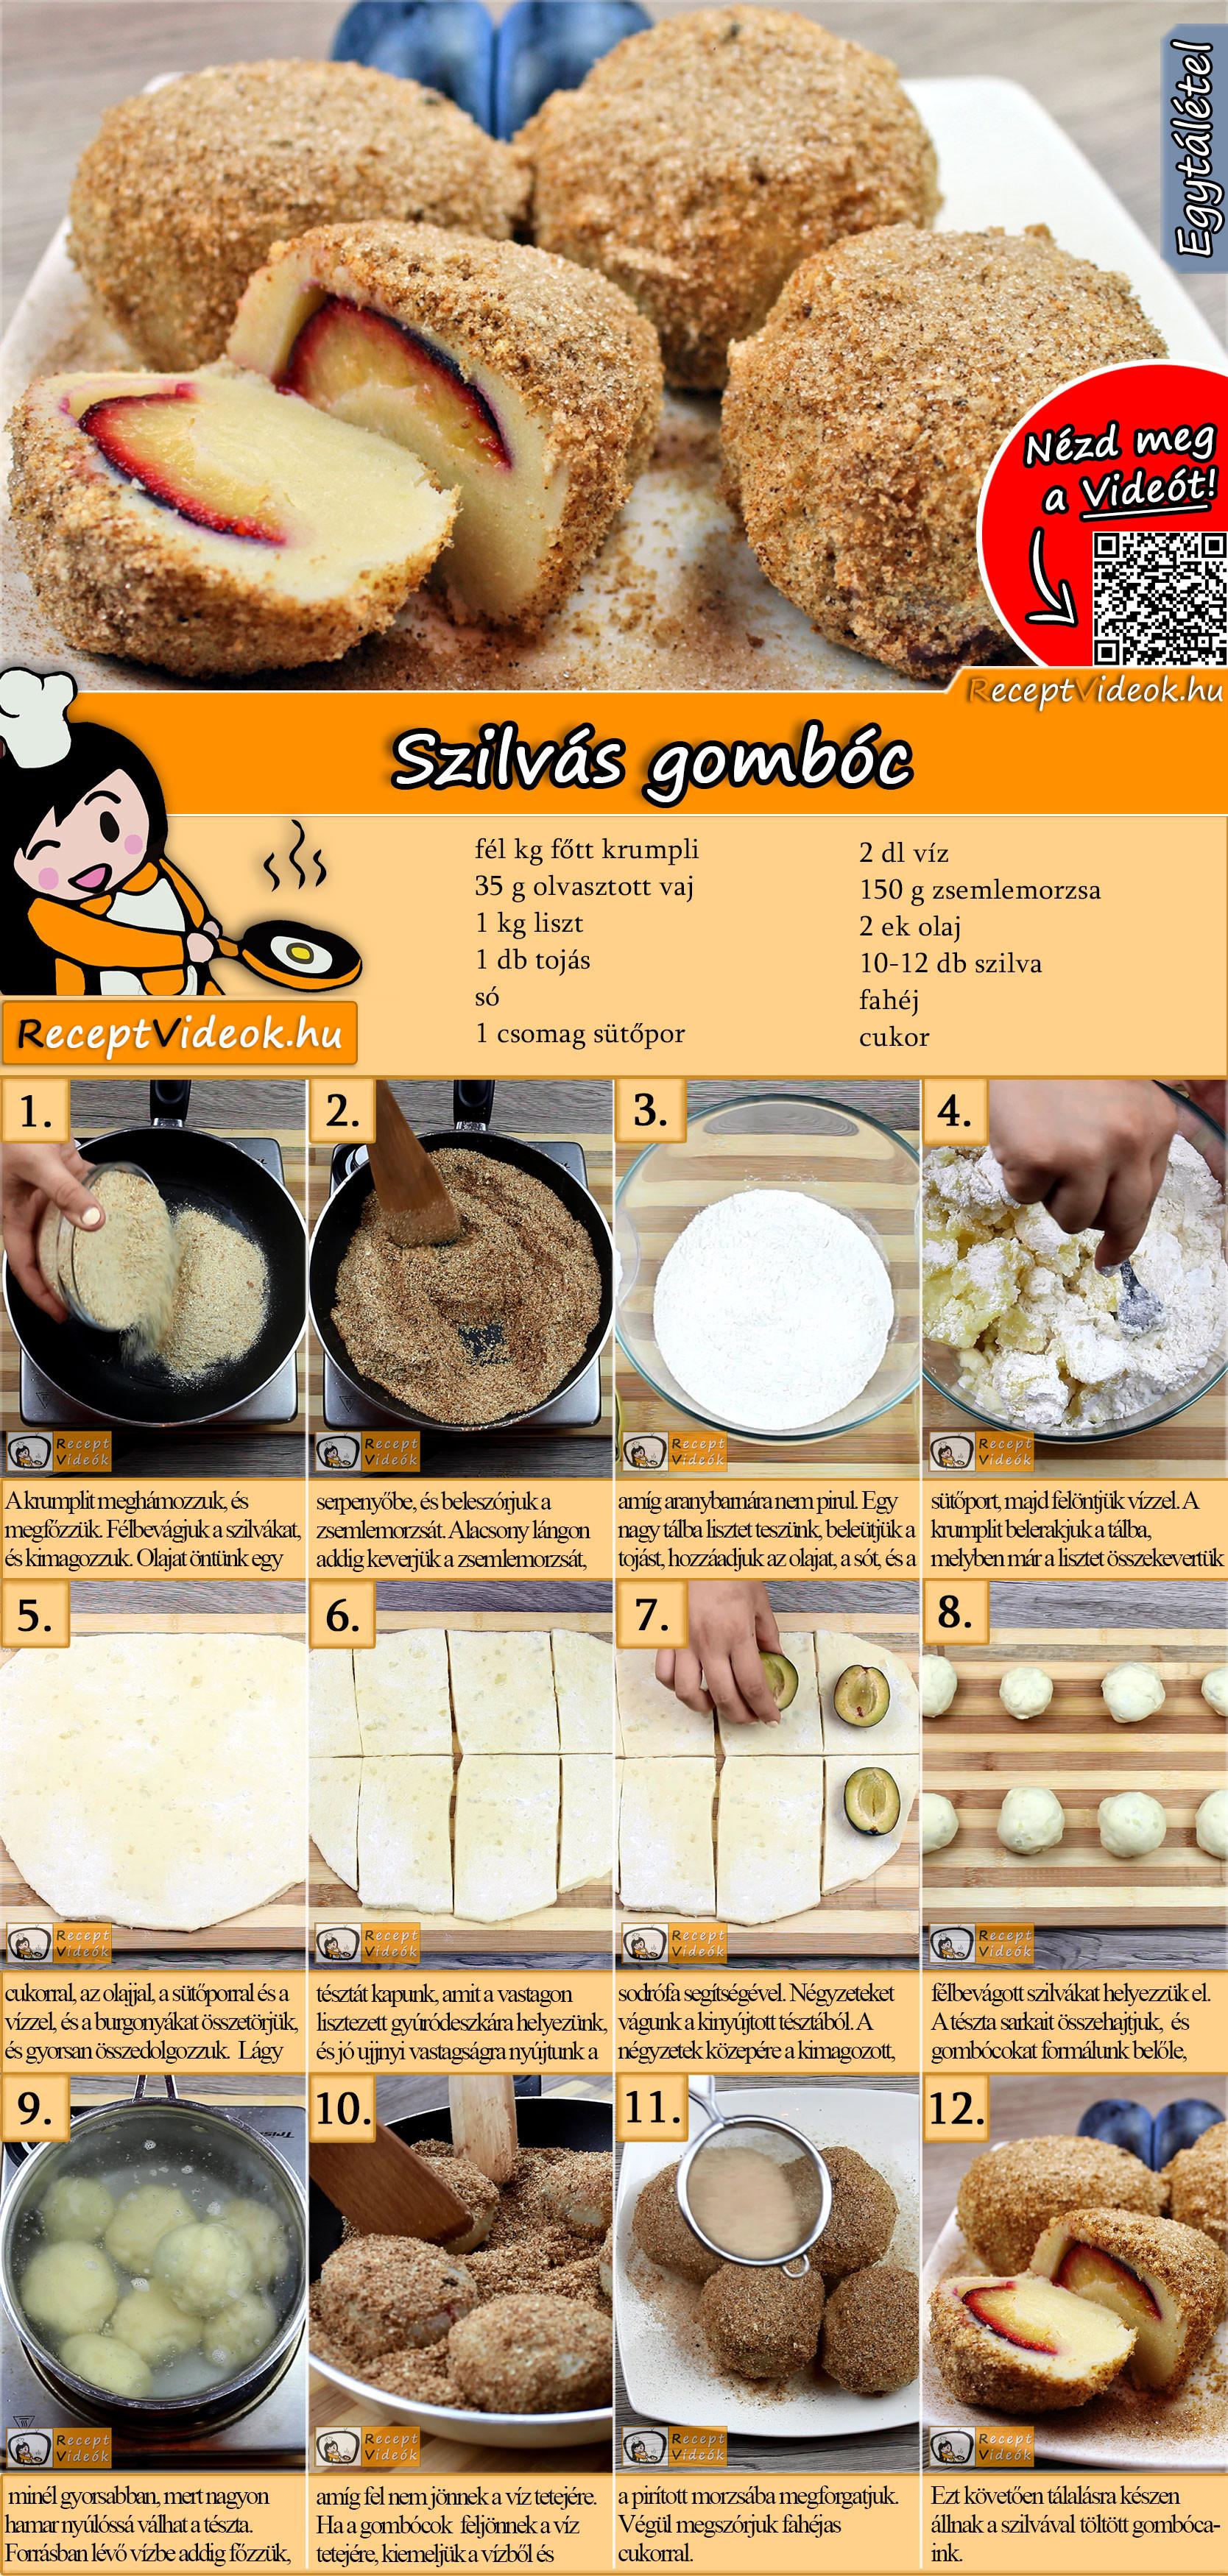 Szilvás gombóc recept elkészítése videóval